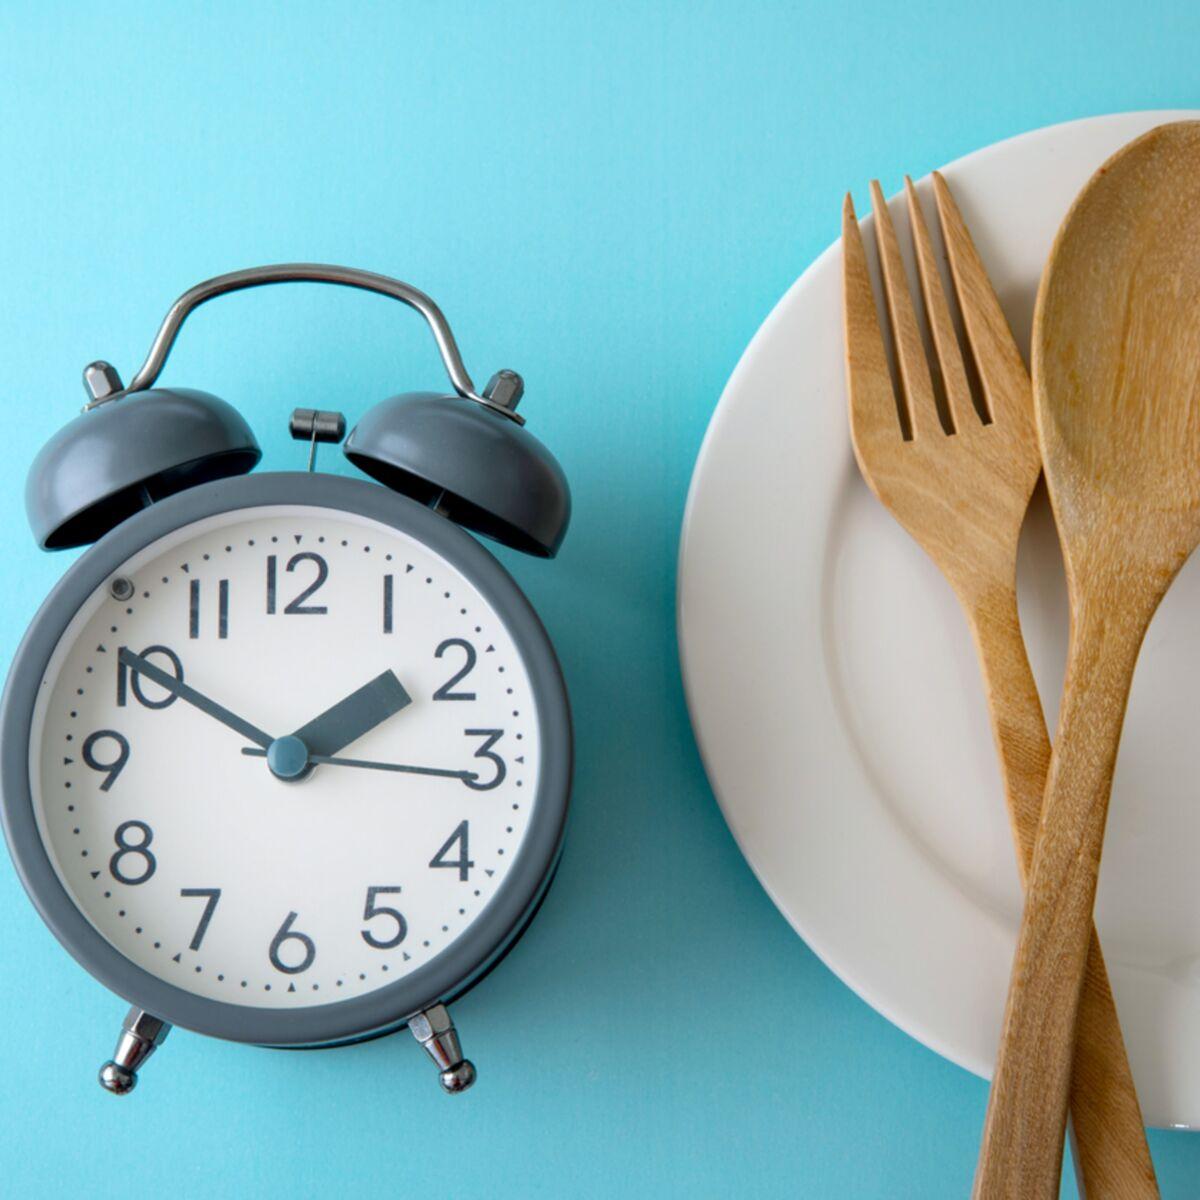 Maison : 12 tâches ménagères et activités qui font brûler des calories